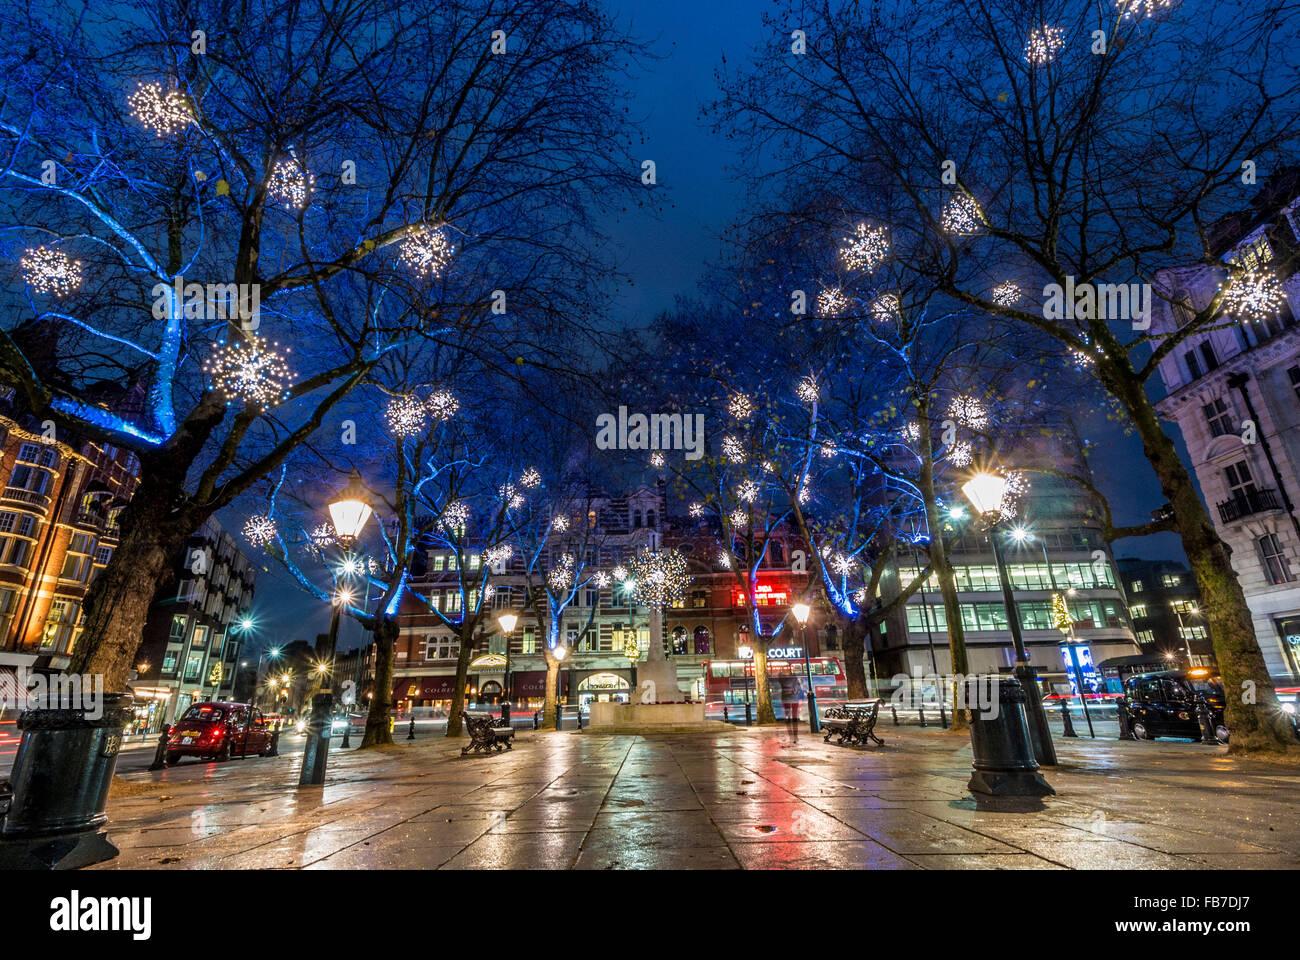 Sloane Square, London, UK, at Christmas with illuminations - Stock Image